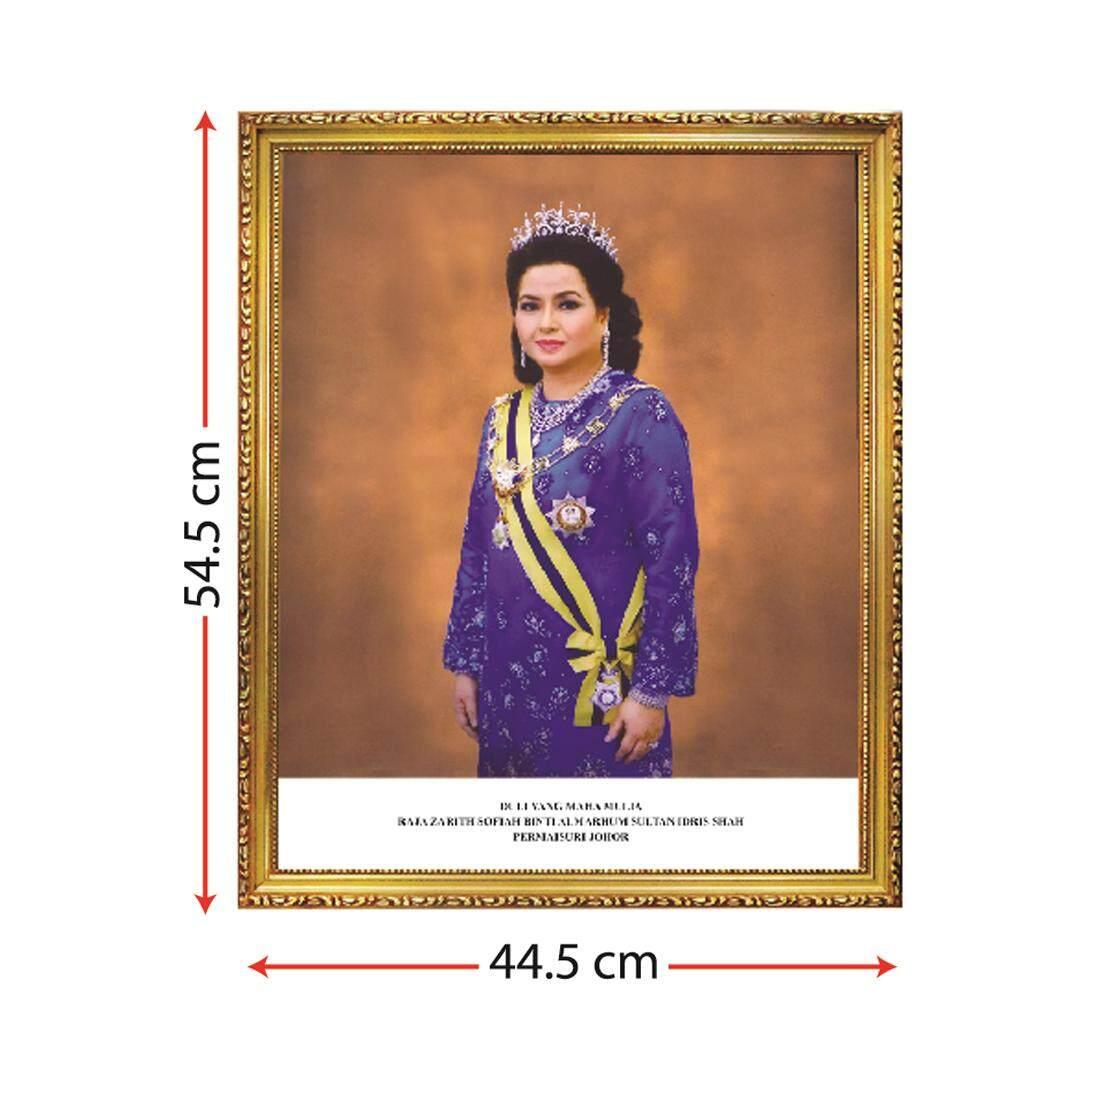 Bingkai Potret Permaisuri Sultan Johor, Sultan Johor Queen Portrait